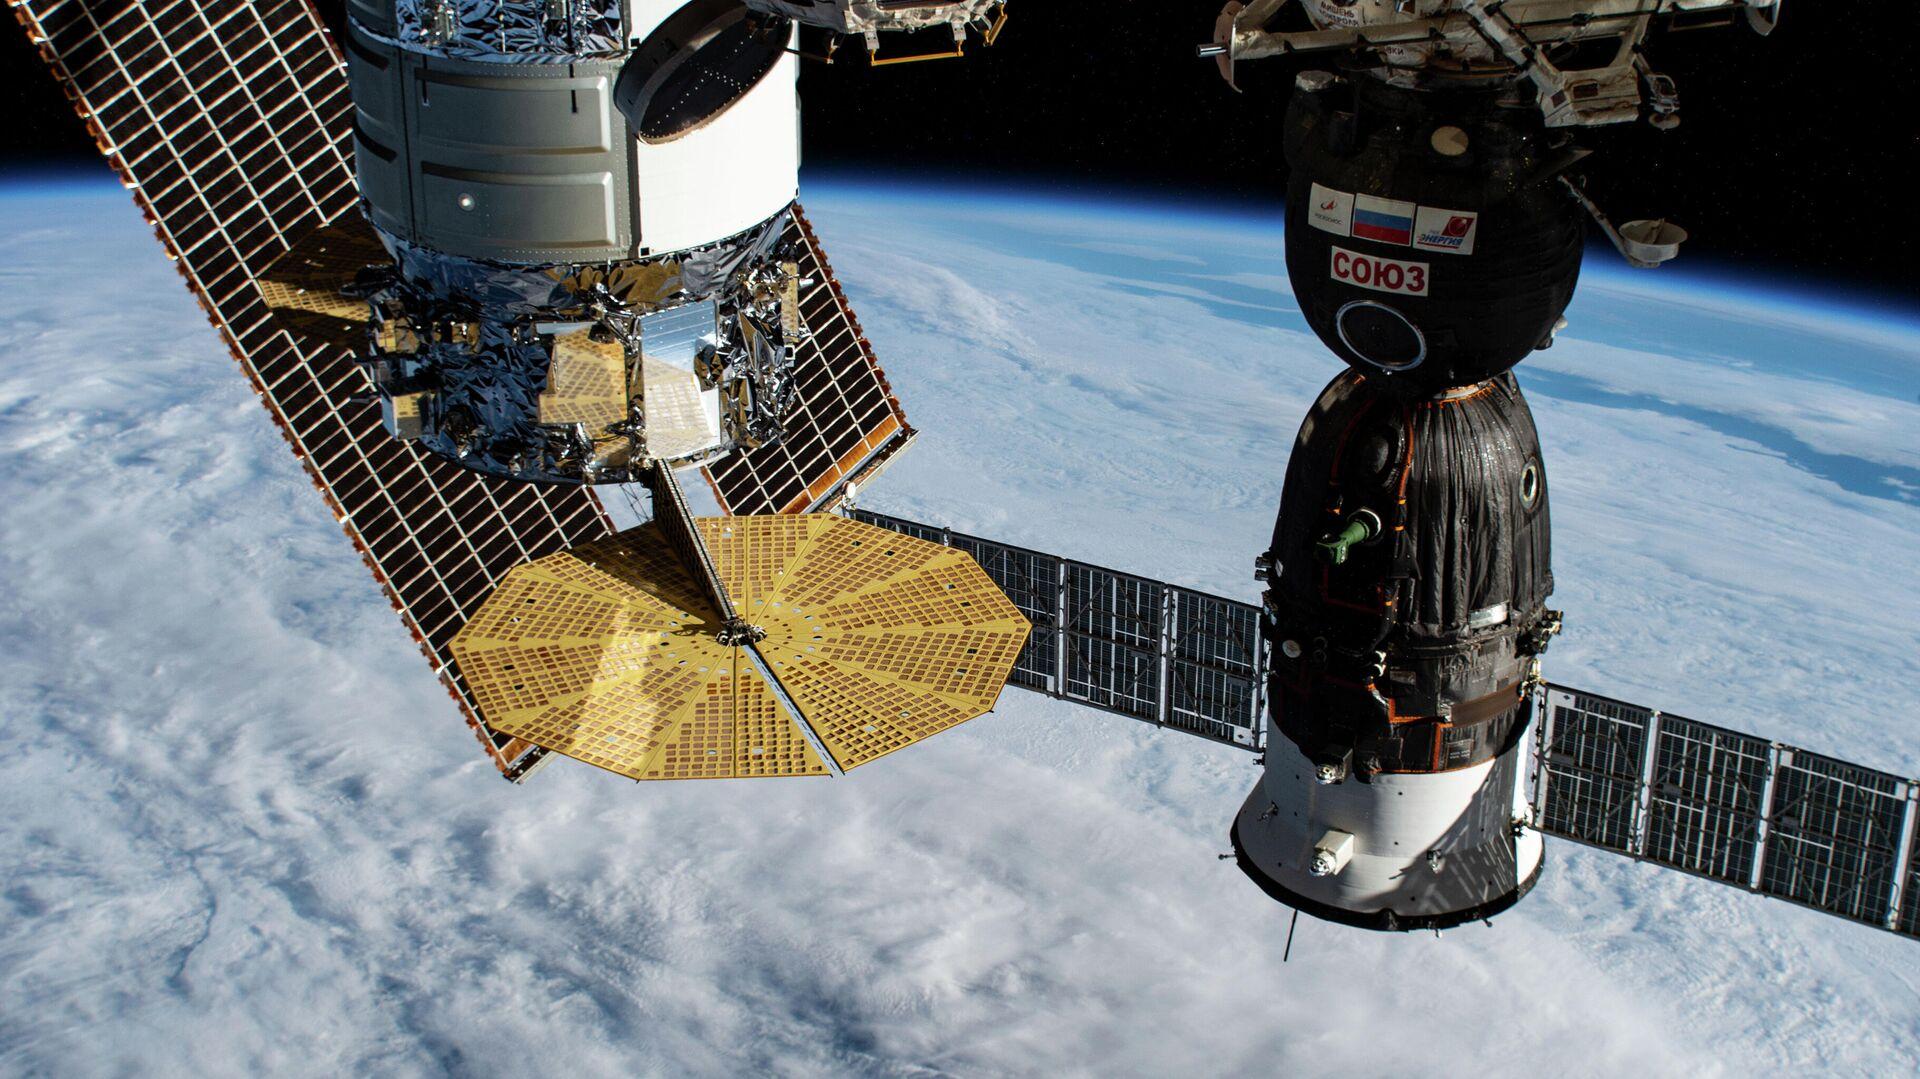 В Роскосмосе развенчали миф о разглядывающих номера машин спутниках